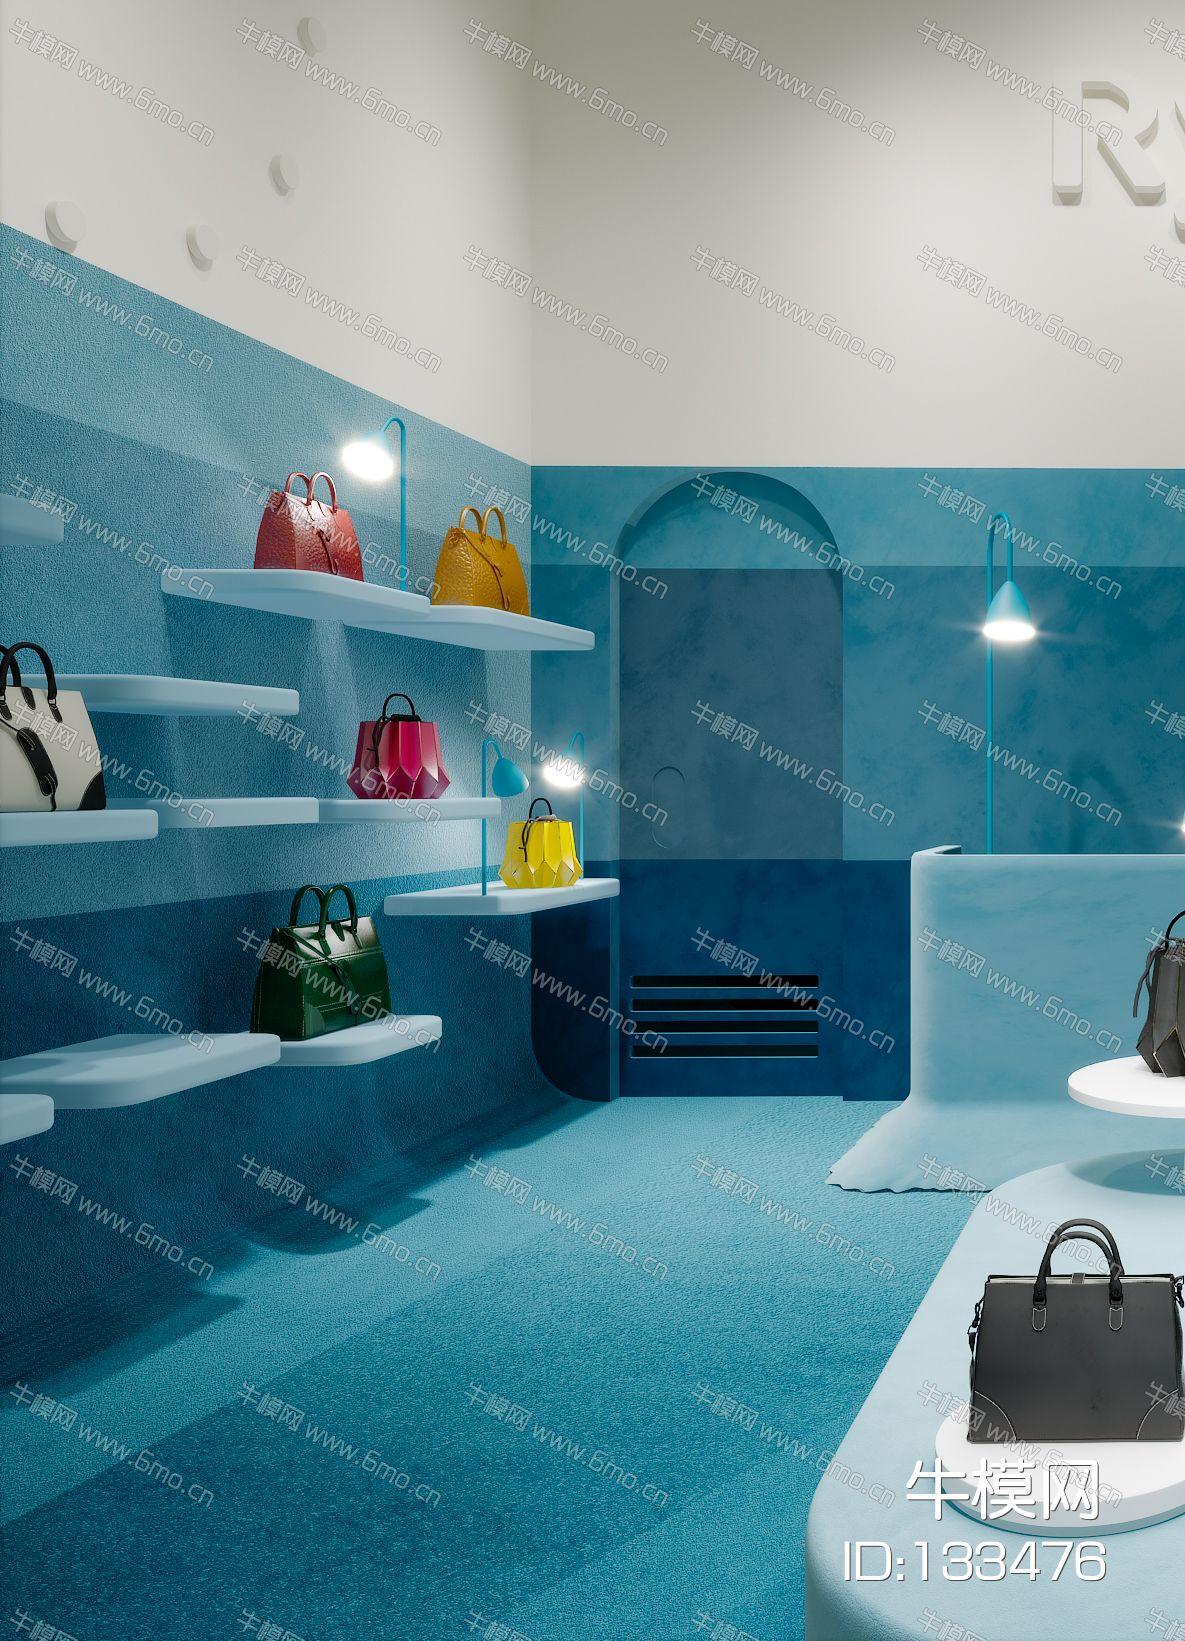 现代简约北欧轻奢风格服装店